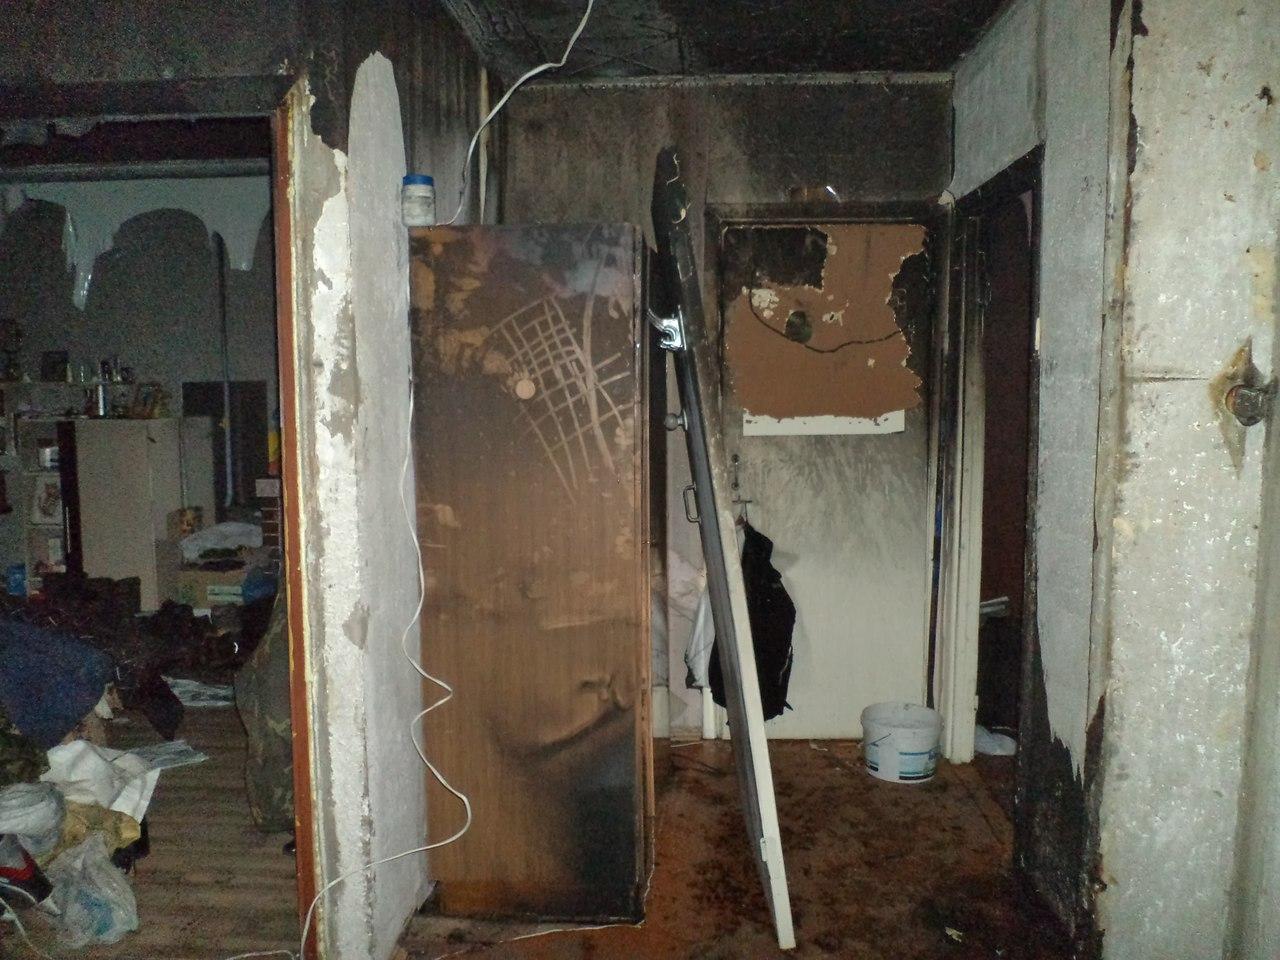 Житель Грязовецкого района запер бывшую жену в квартире и поджег дверь